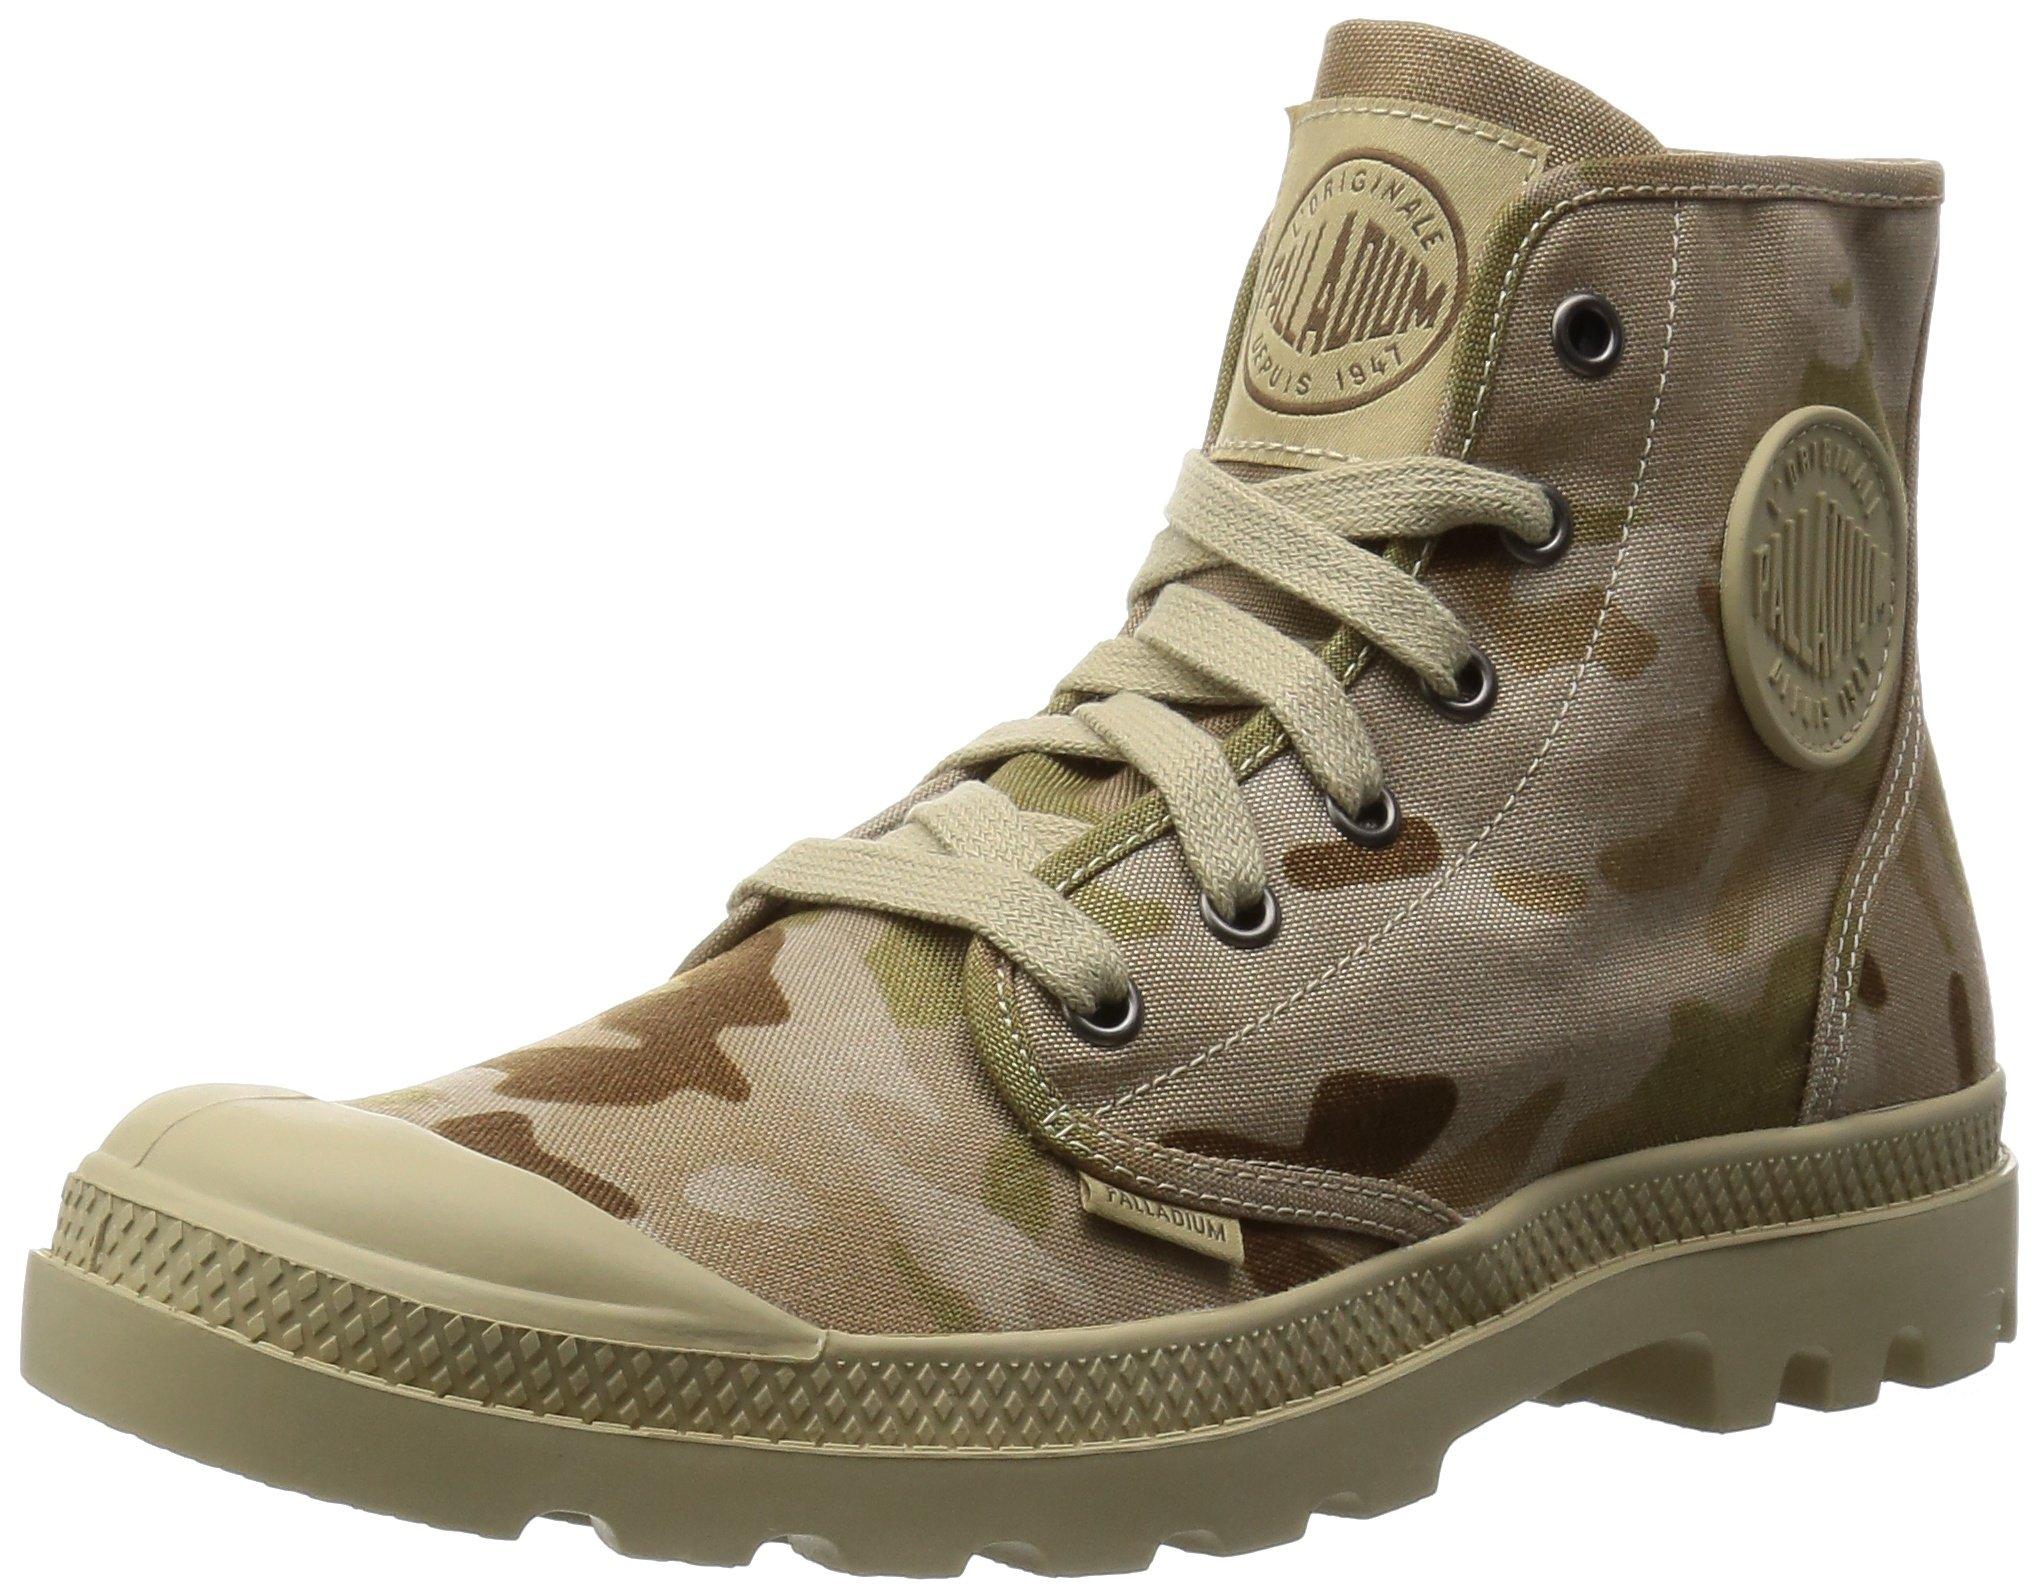 sports shoes 95047 71c5f Galleon - Palladium Men s Pampa Hi Multicam, Arid Camo 7 M US